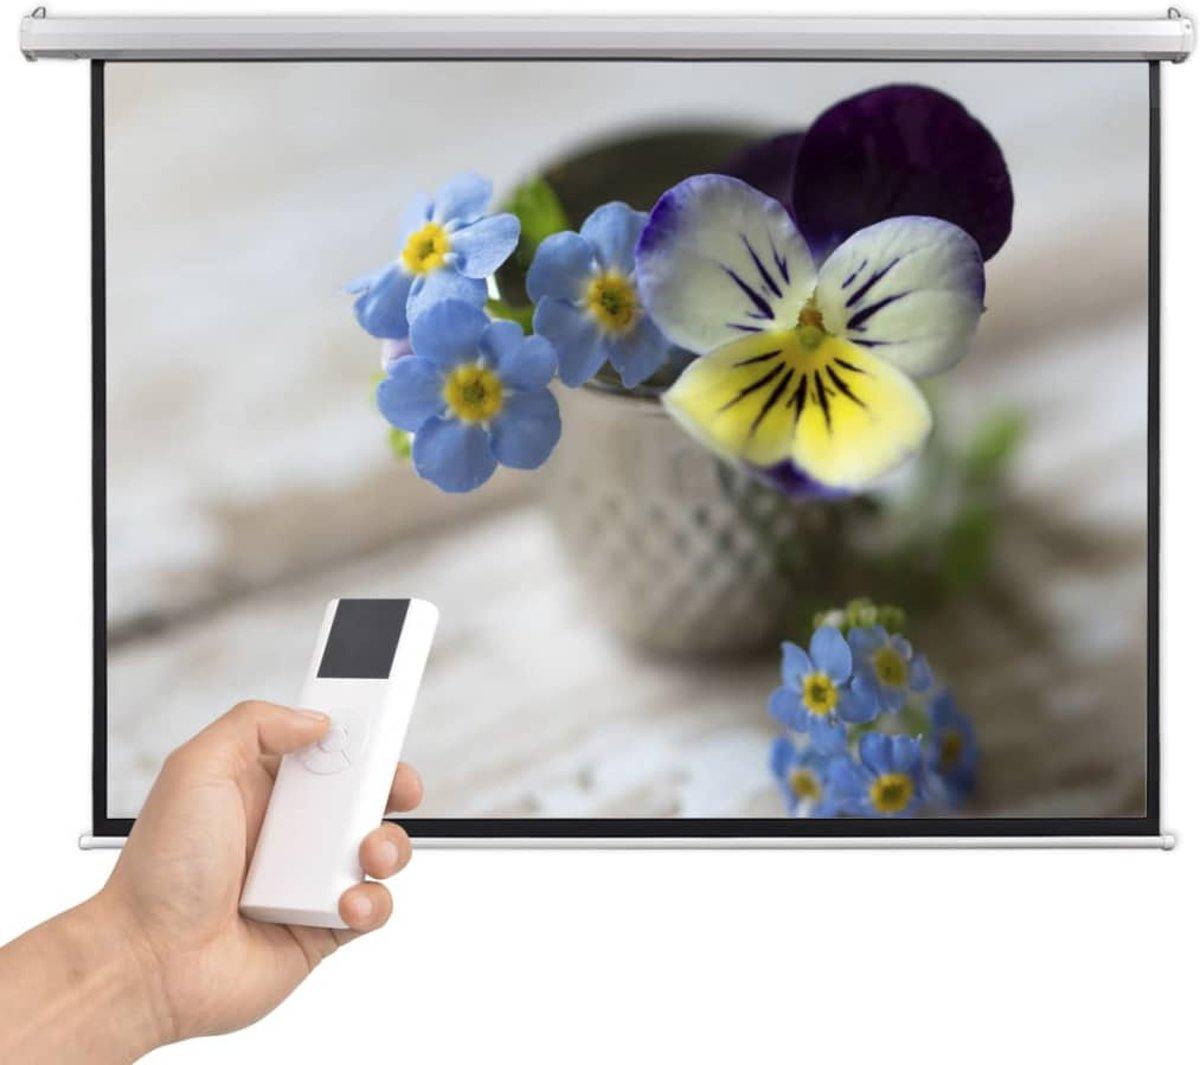 vidaXL Projectiescherm met afstandsbediening elektrisch 200x153 cm 4:3 kopen